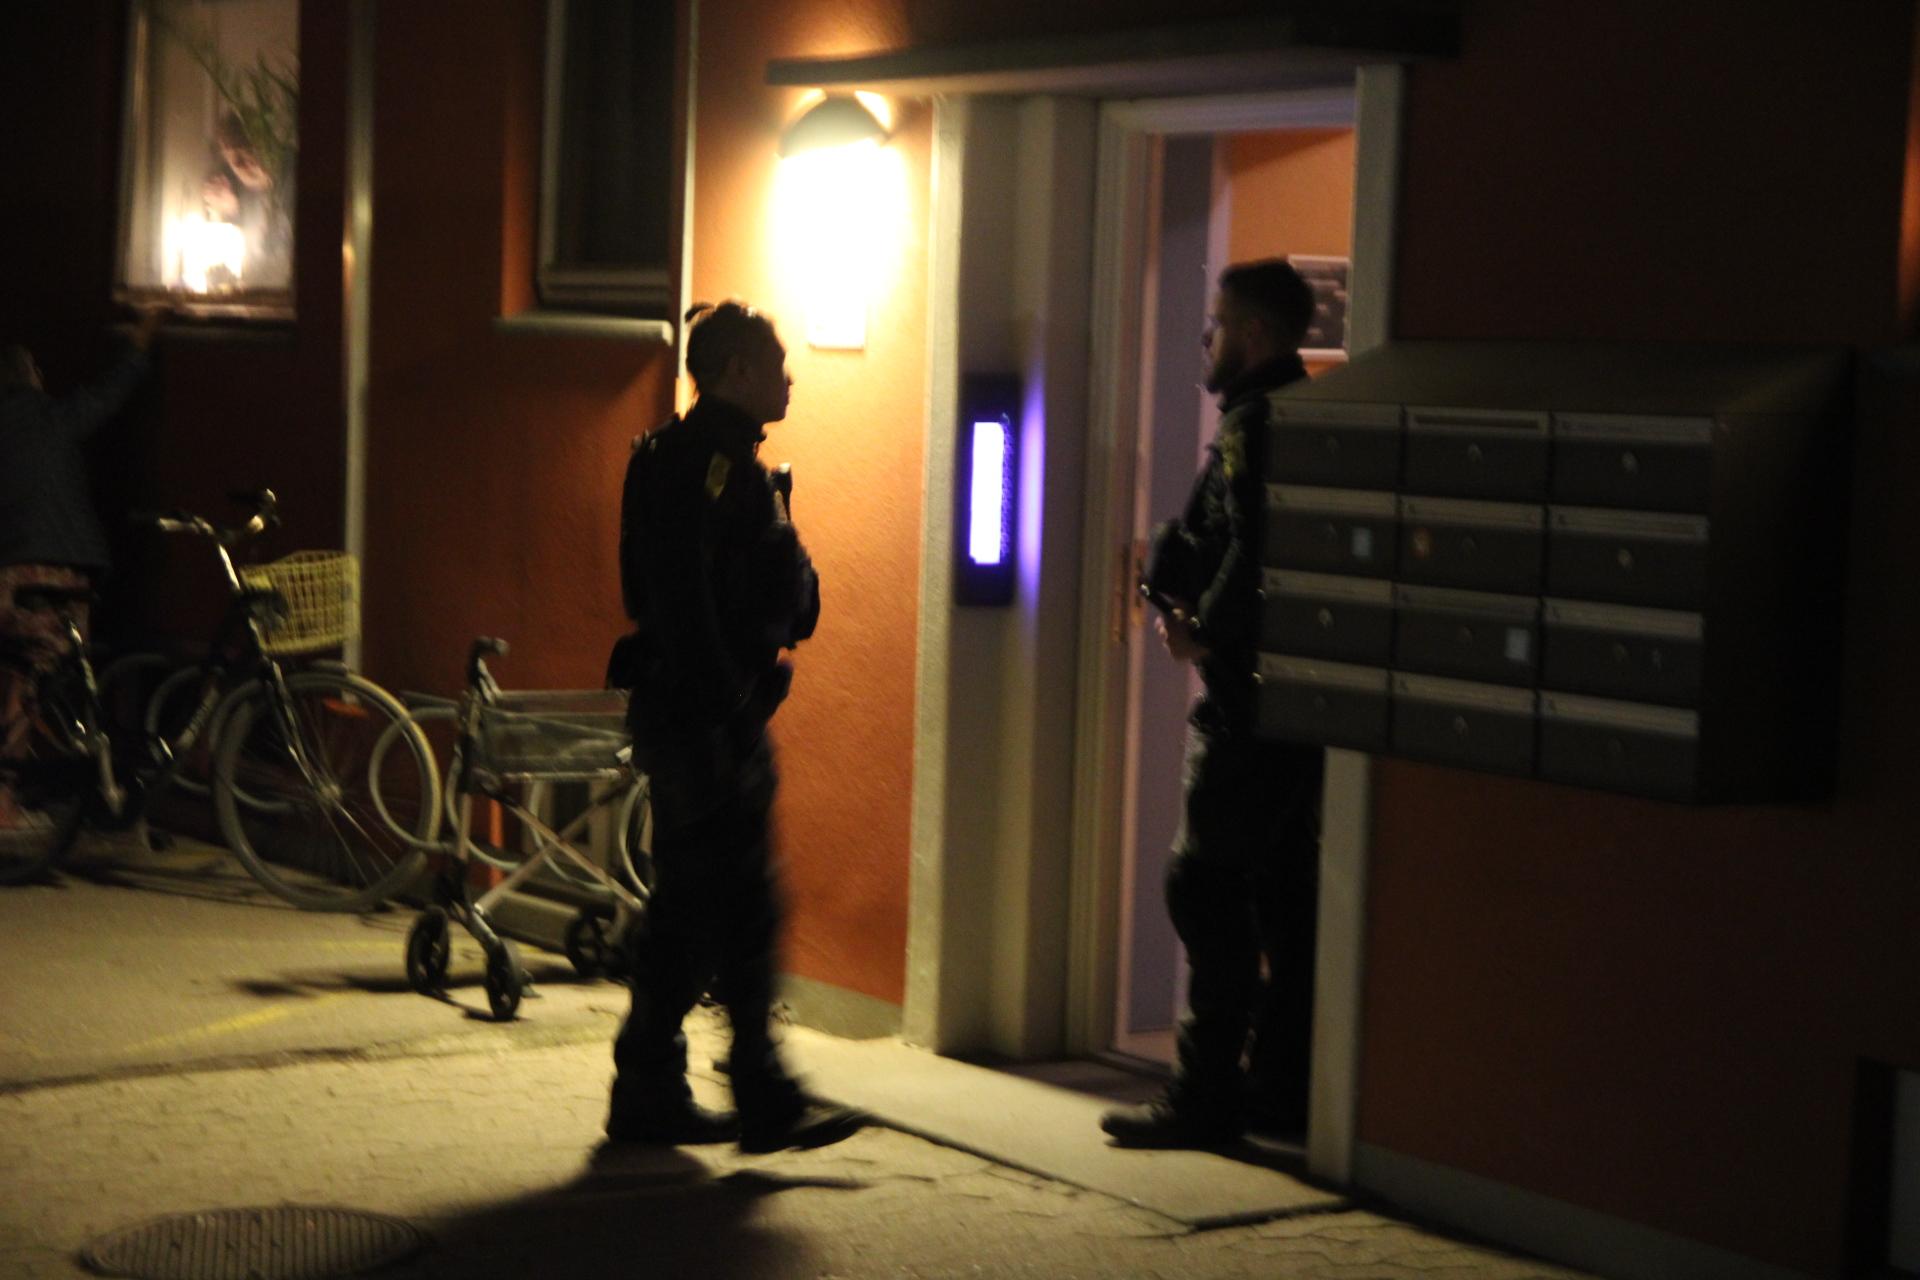 Låsesmed åbner dør - Politiet undersøger lejlighed